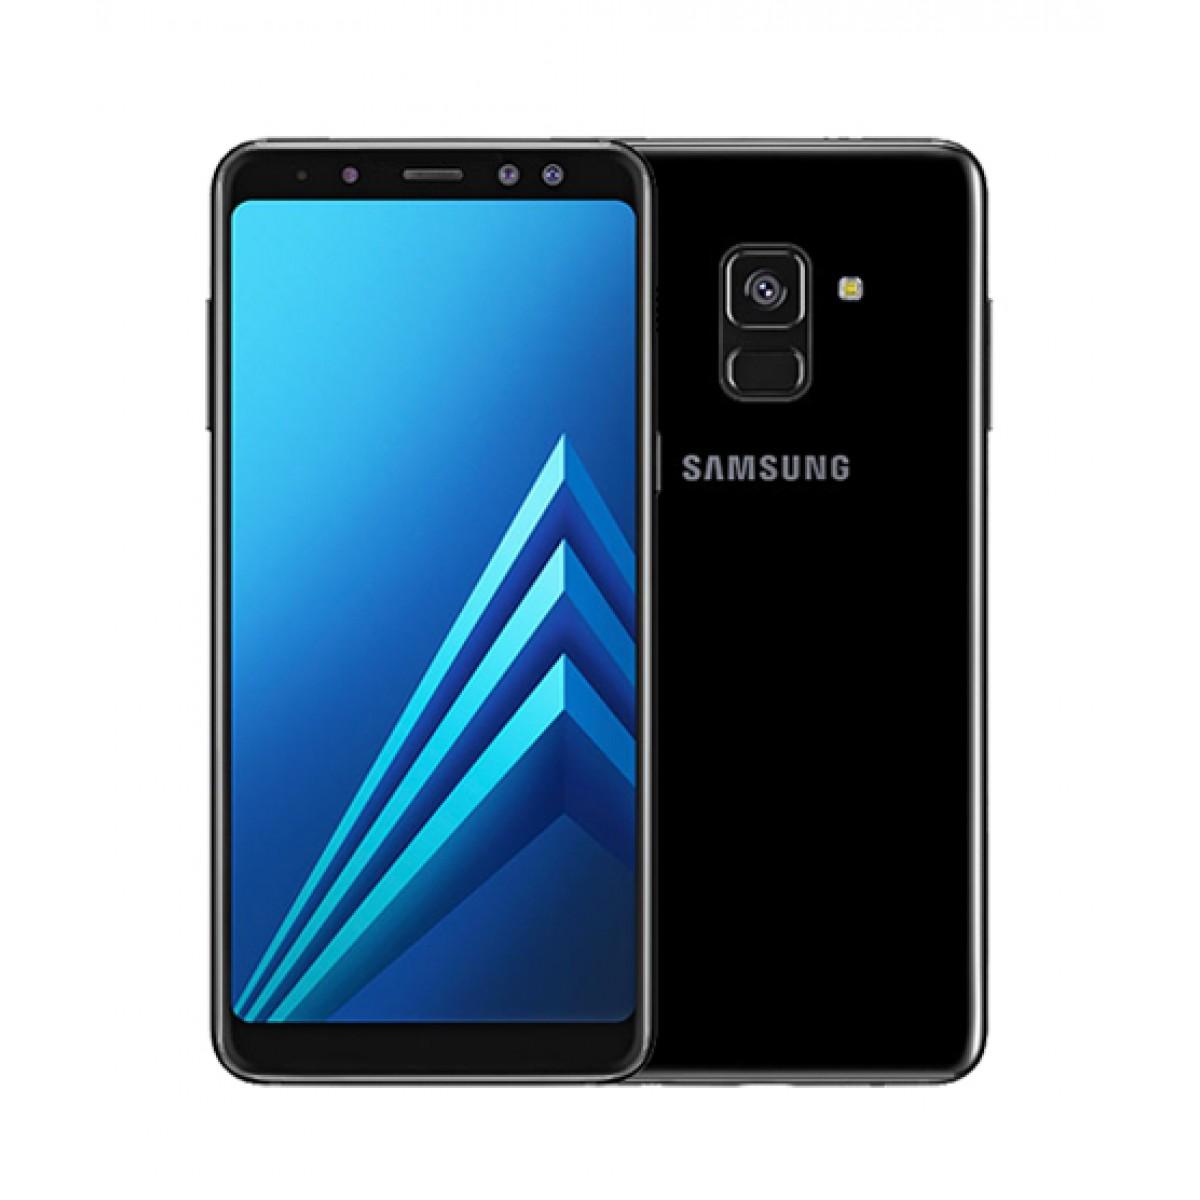 راهنمای خرید لوازم جانبی گوشی سامسونگ A8 2018